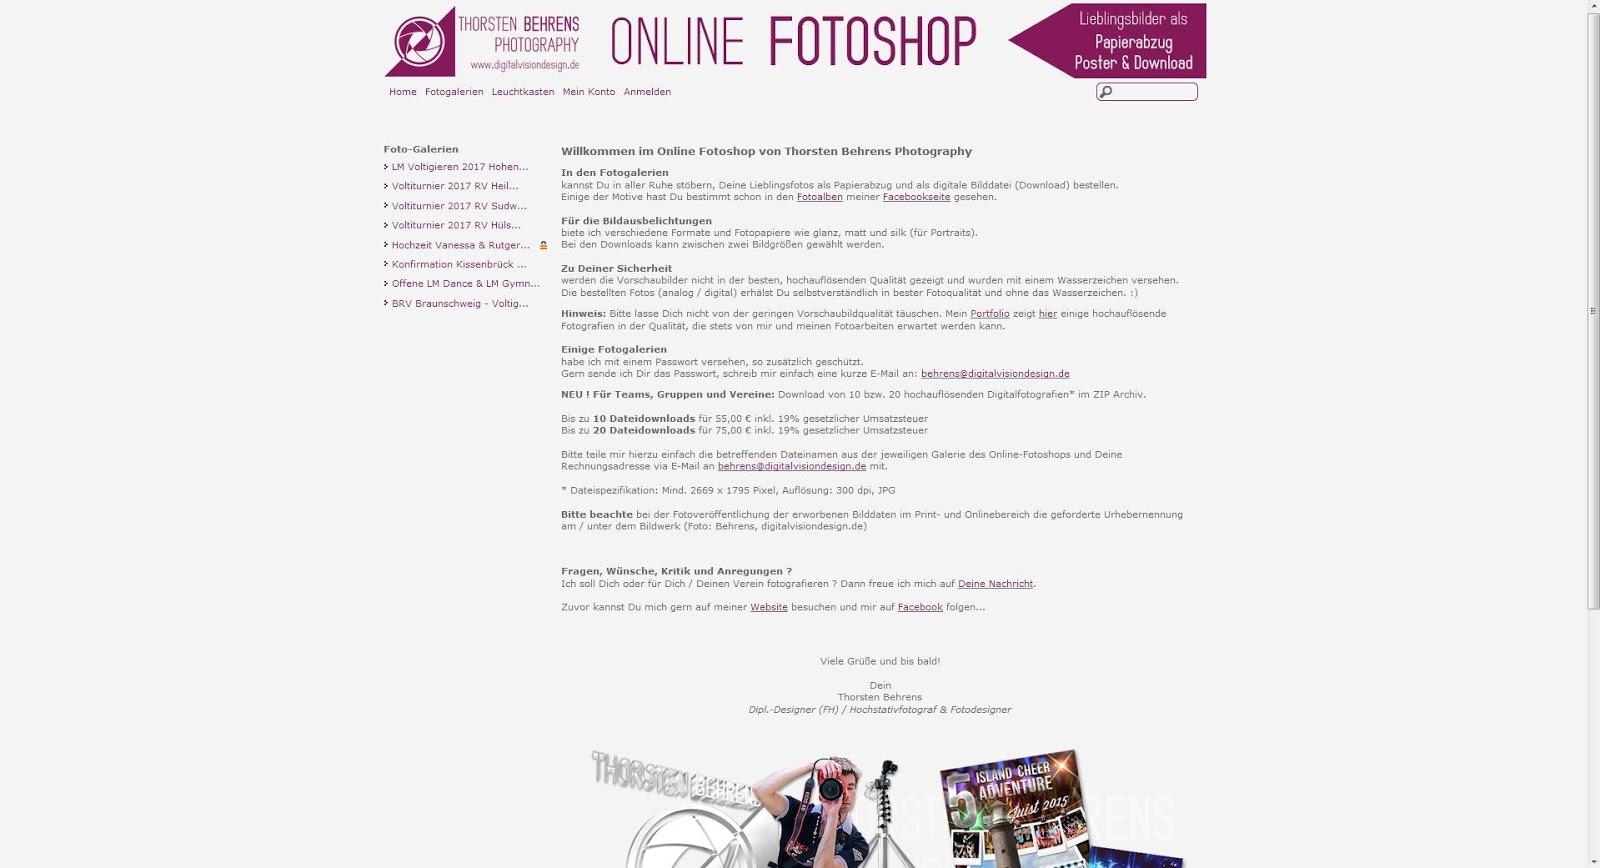 Deine Voltifotos als ganz bequem online als Fotoabzug, Fotoposter, Fotosticker oder als Datei schnell und sicher im Online Fotoshop von Thorsten Behrens Photography bestellen - http://digitalvisiondesign.fotoportopro.de